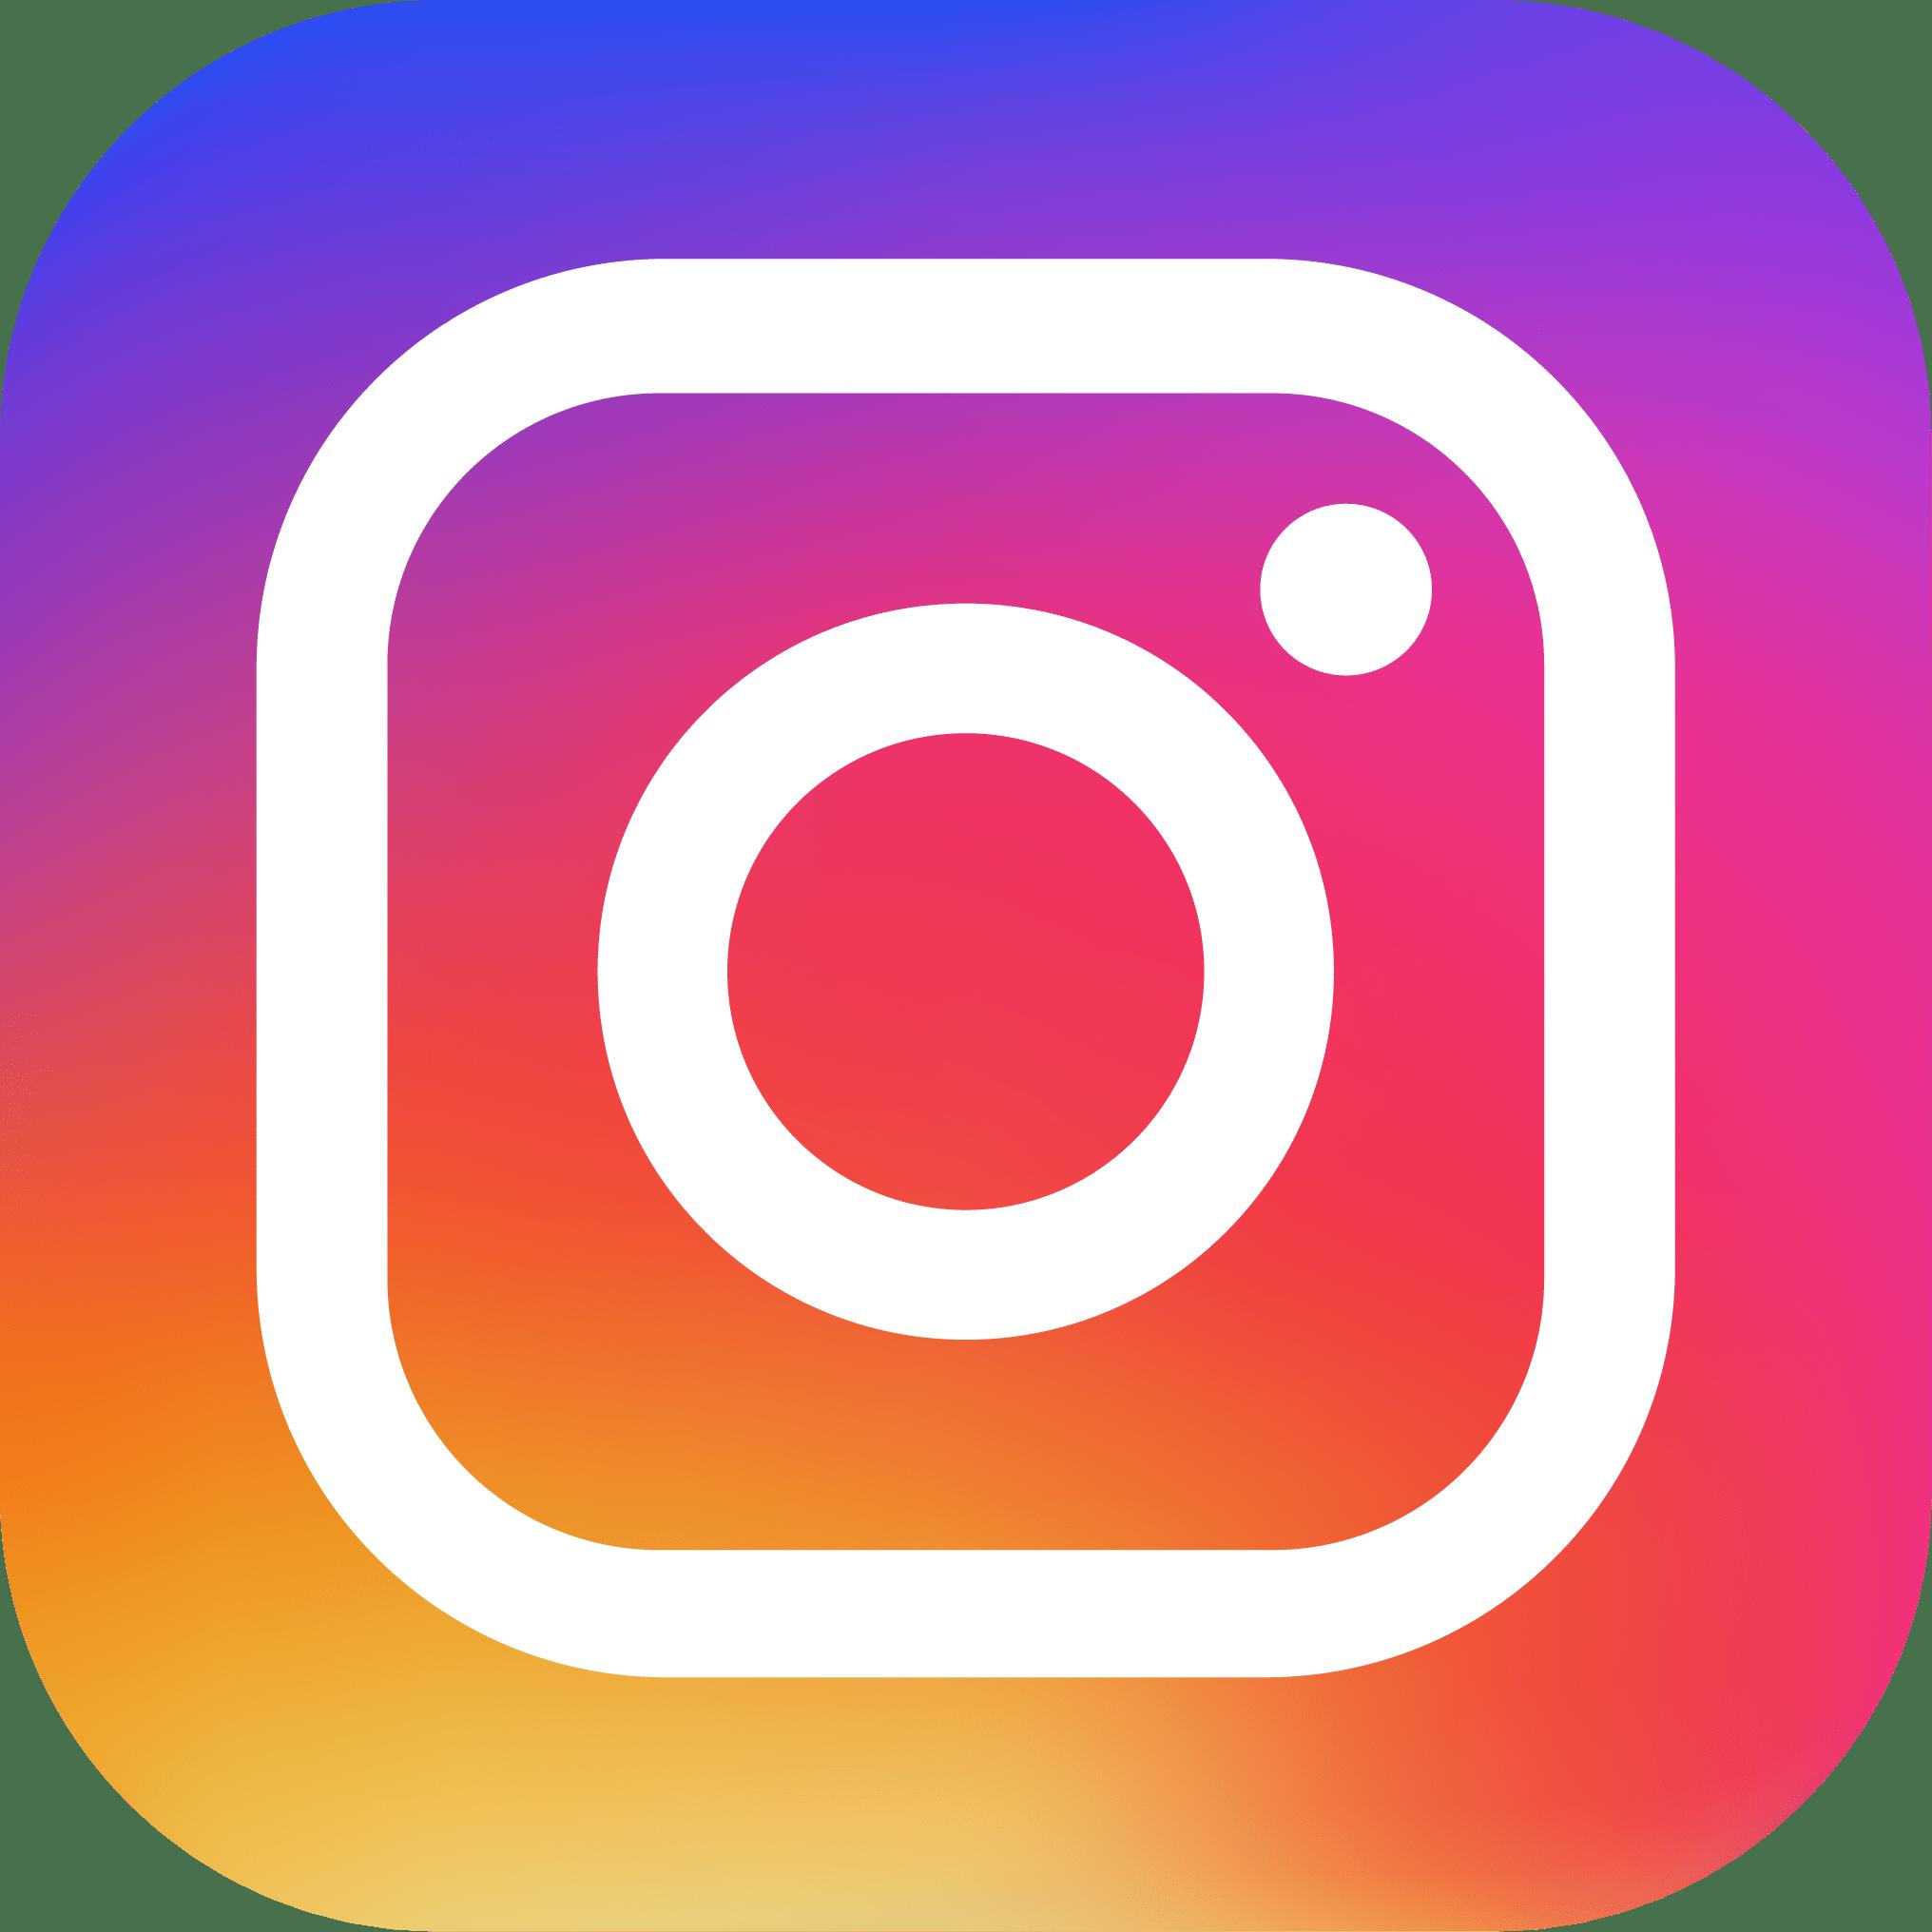 10ace4e16c7 Stappenplan: Meerdere accounts toevoegen aan Instagram - appletips